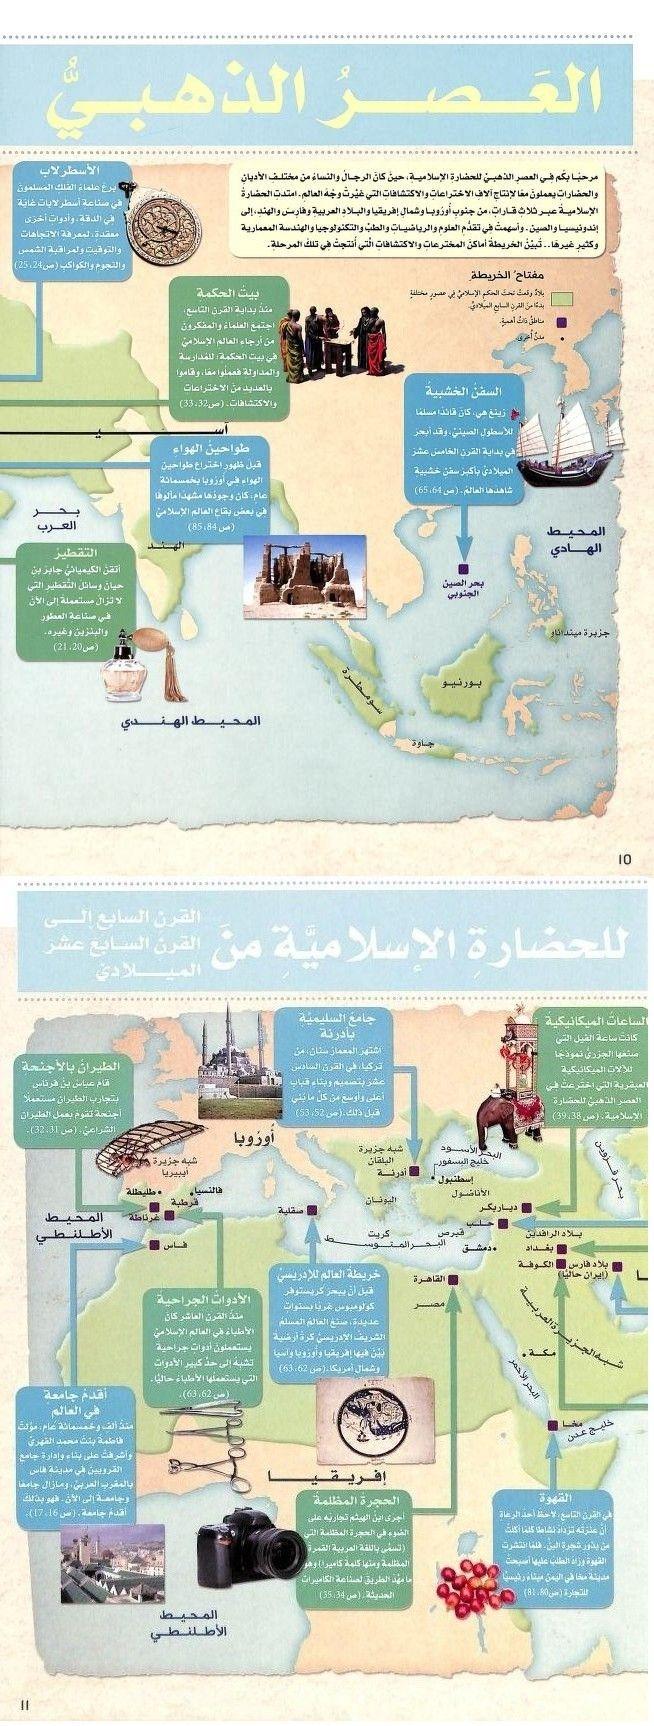 إحصاءات مدهشة تخص الحضارة الإسلامية خلال عصورها الدهبية Arabes